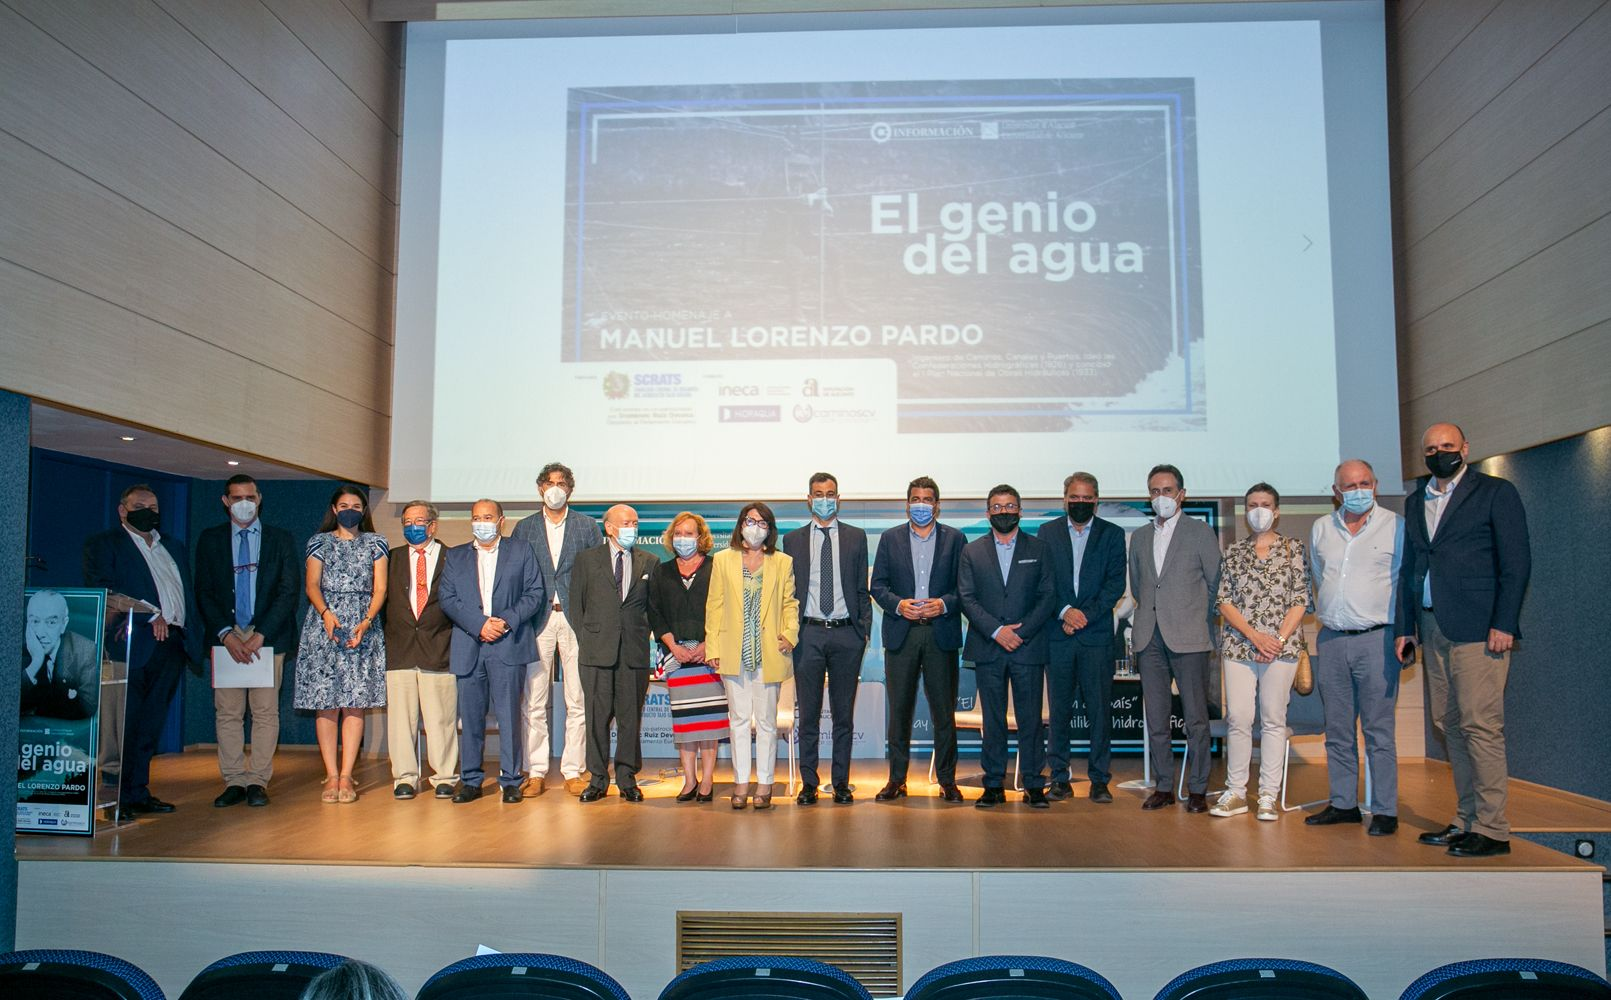 Homenaje a Manuel Lorenzo Pardo en el Club INFORMACIÓN